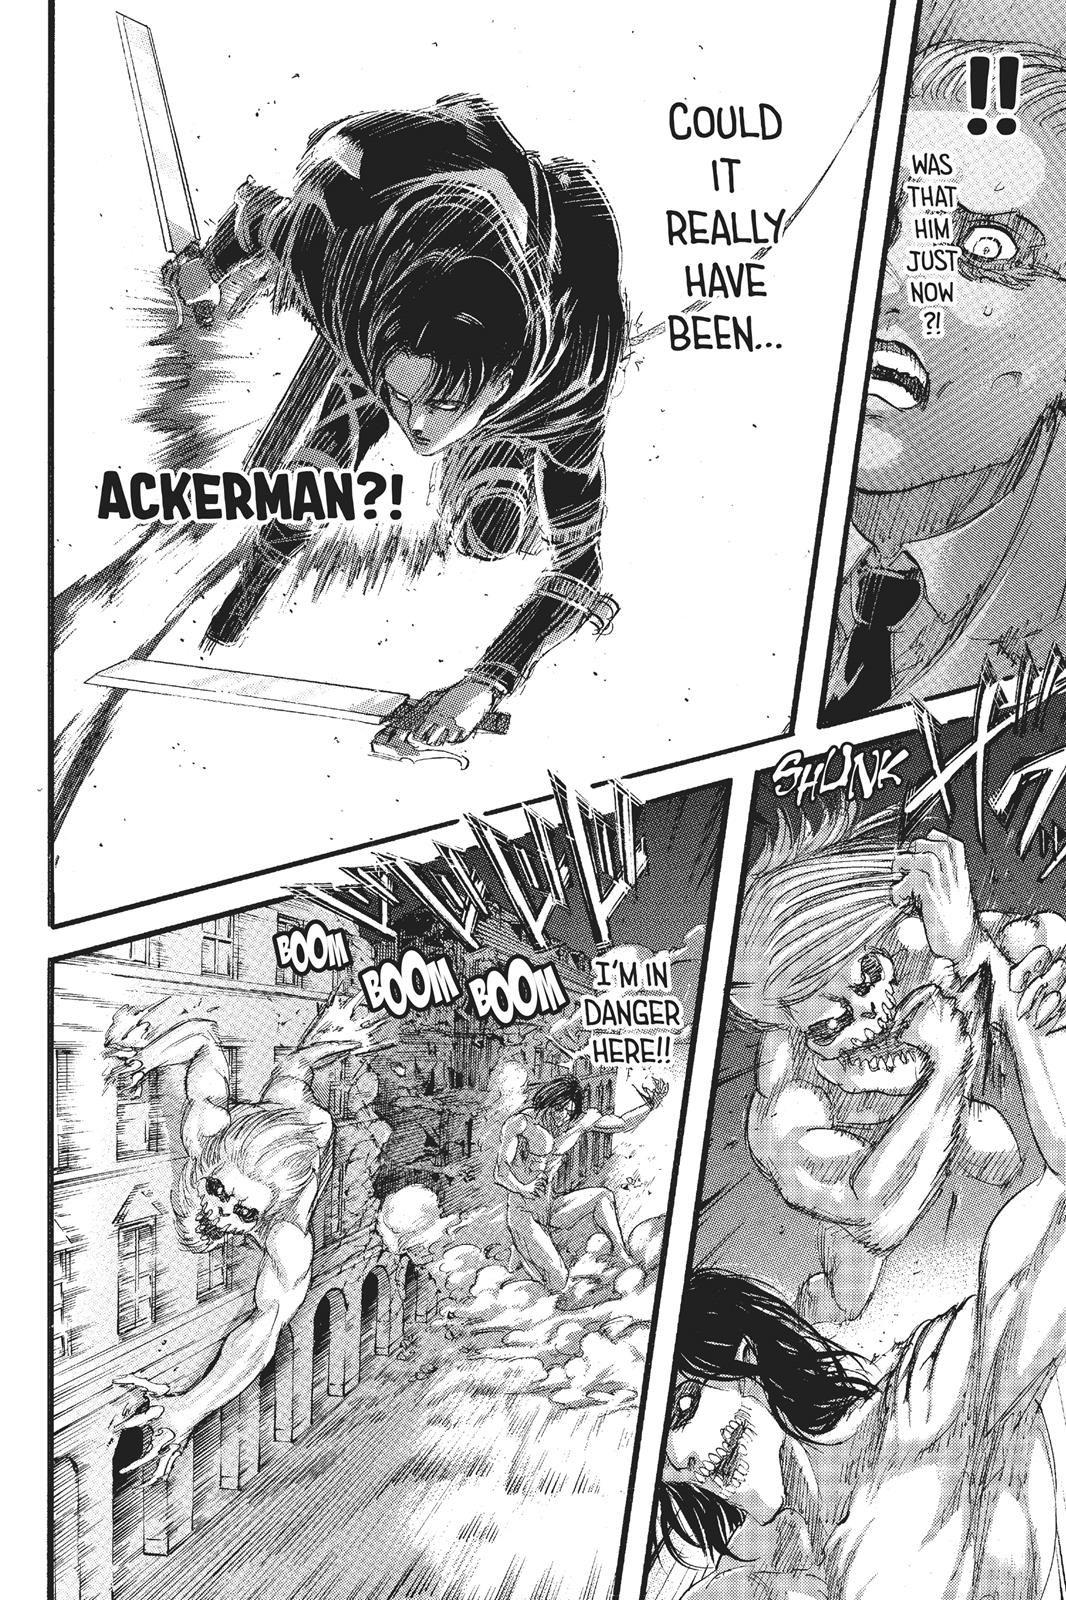 Shingeki no Kyojin Chapter 102 Page 35 Attack on titan